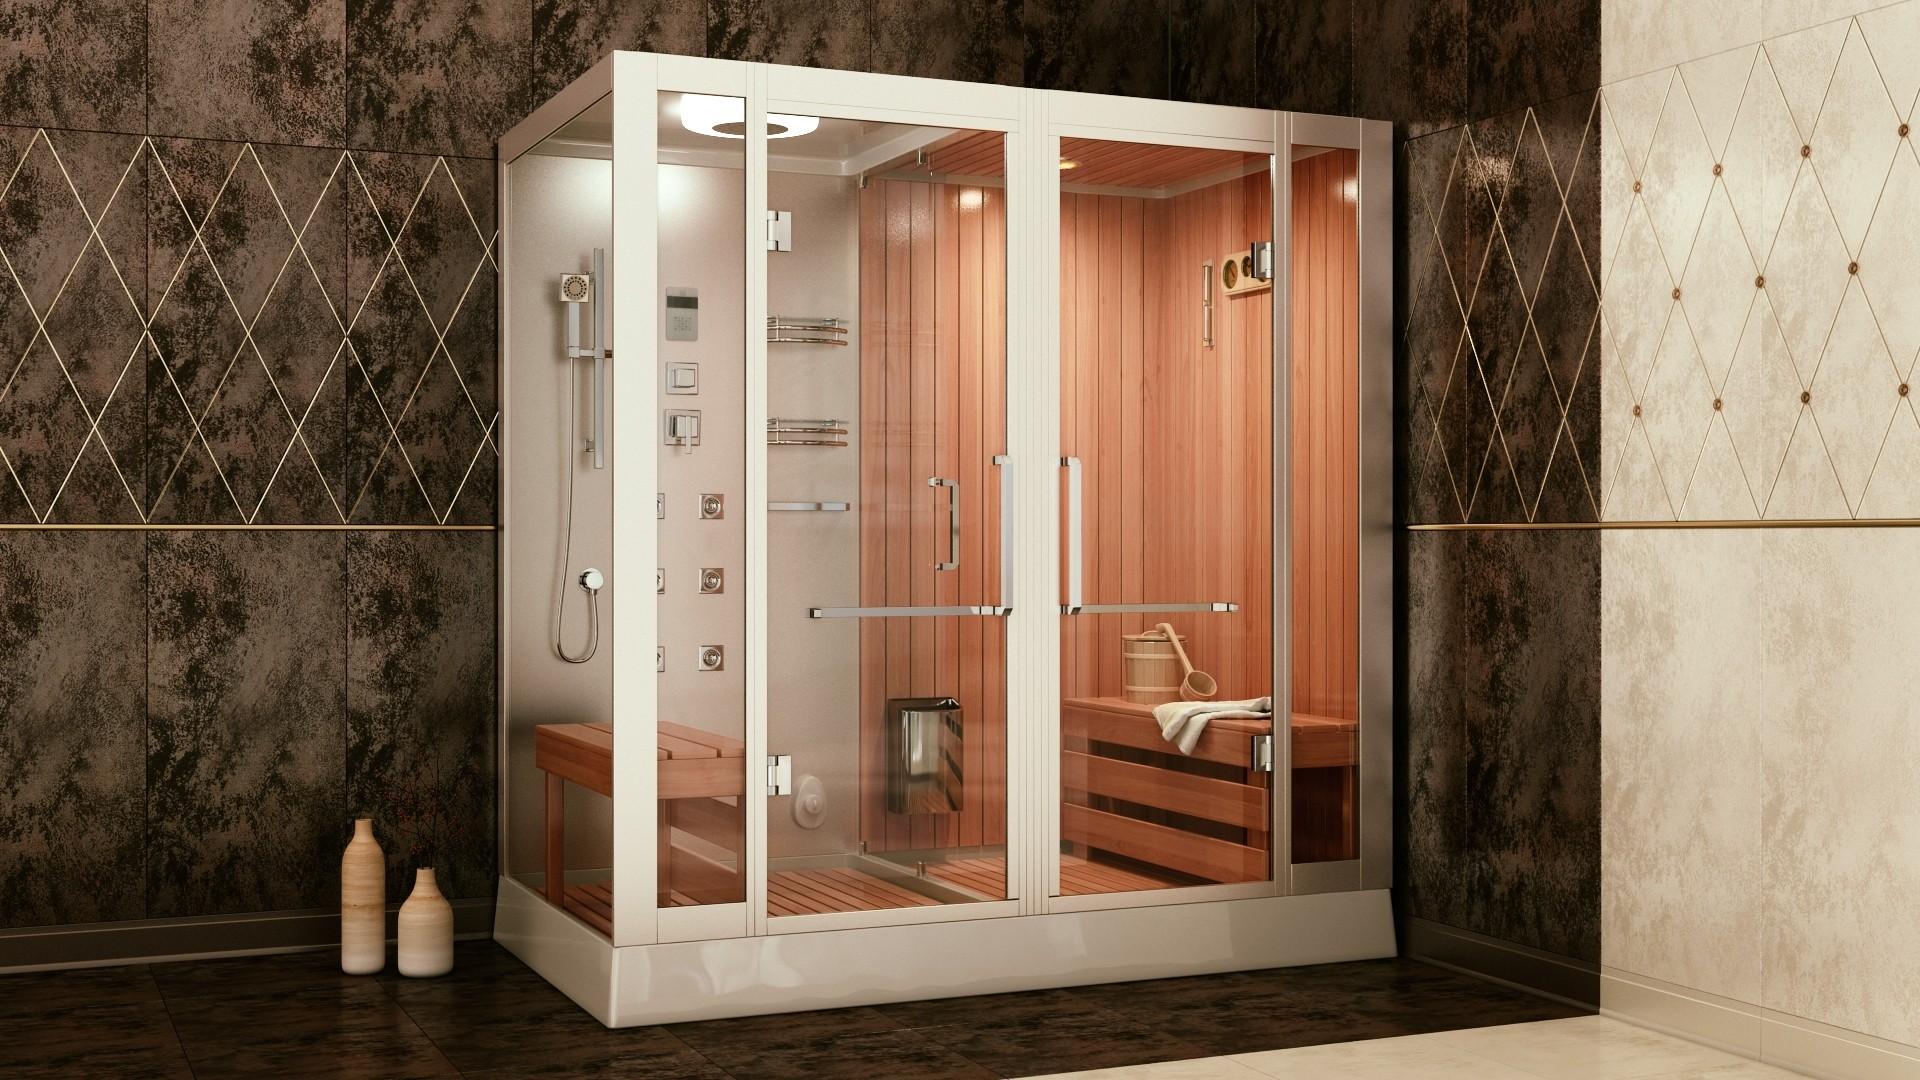 душевая кабина с сауной в ванной комнате